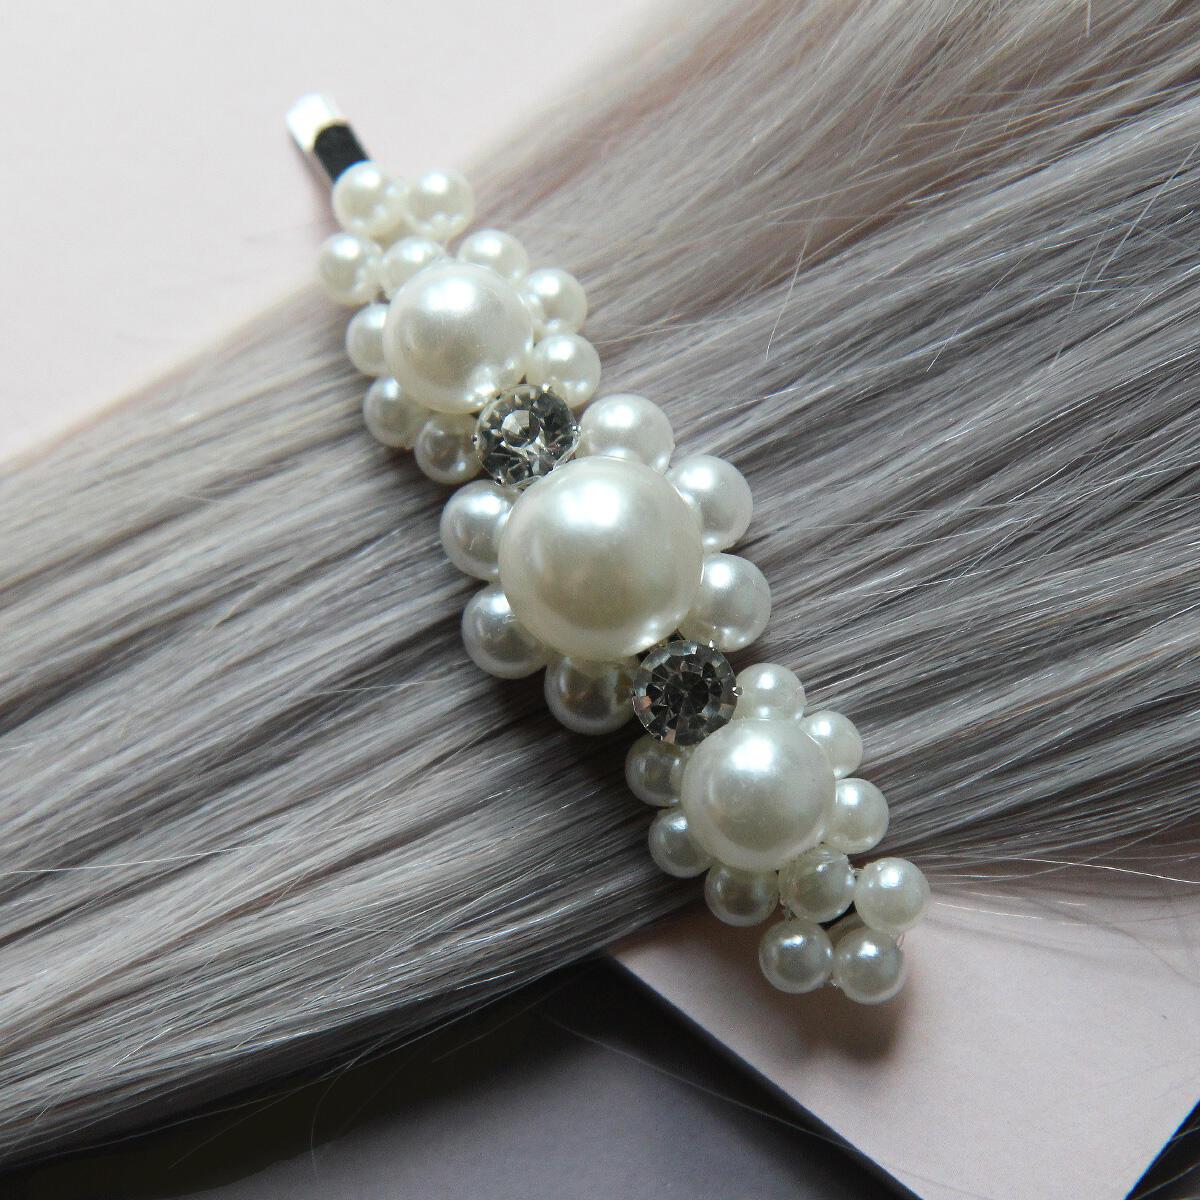 Helmillä koristeltu hiusneula